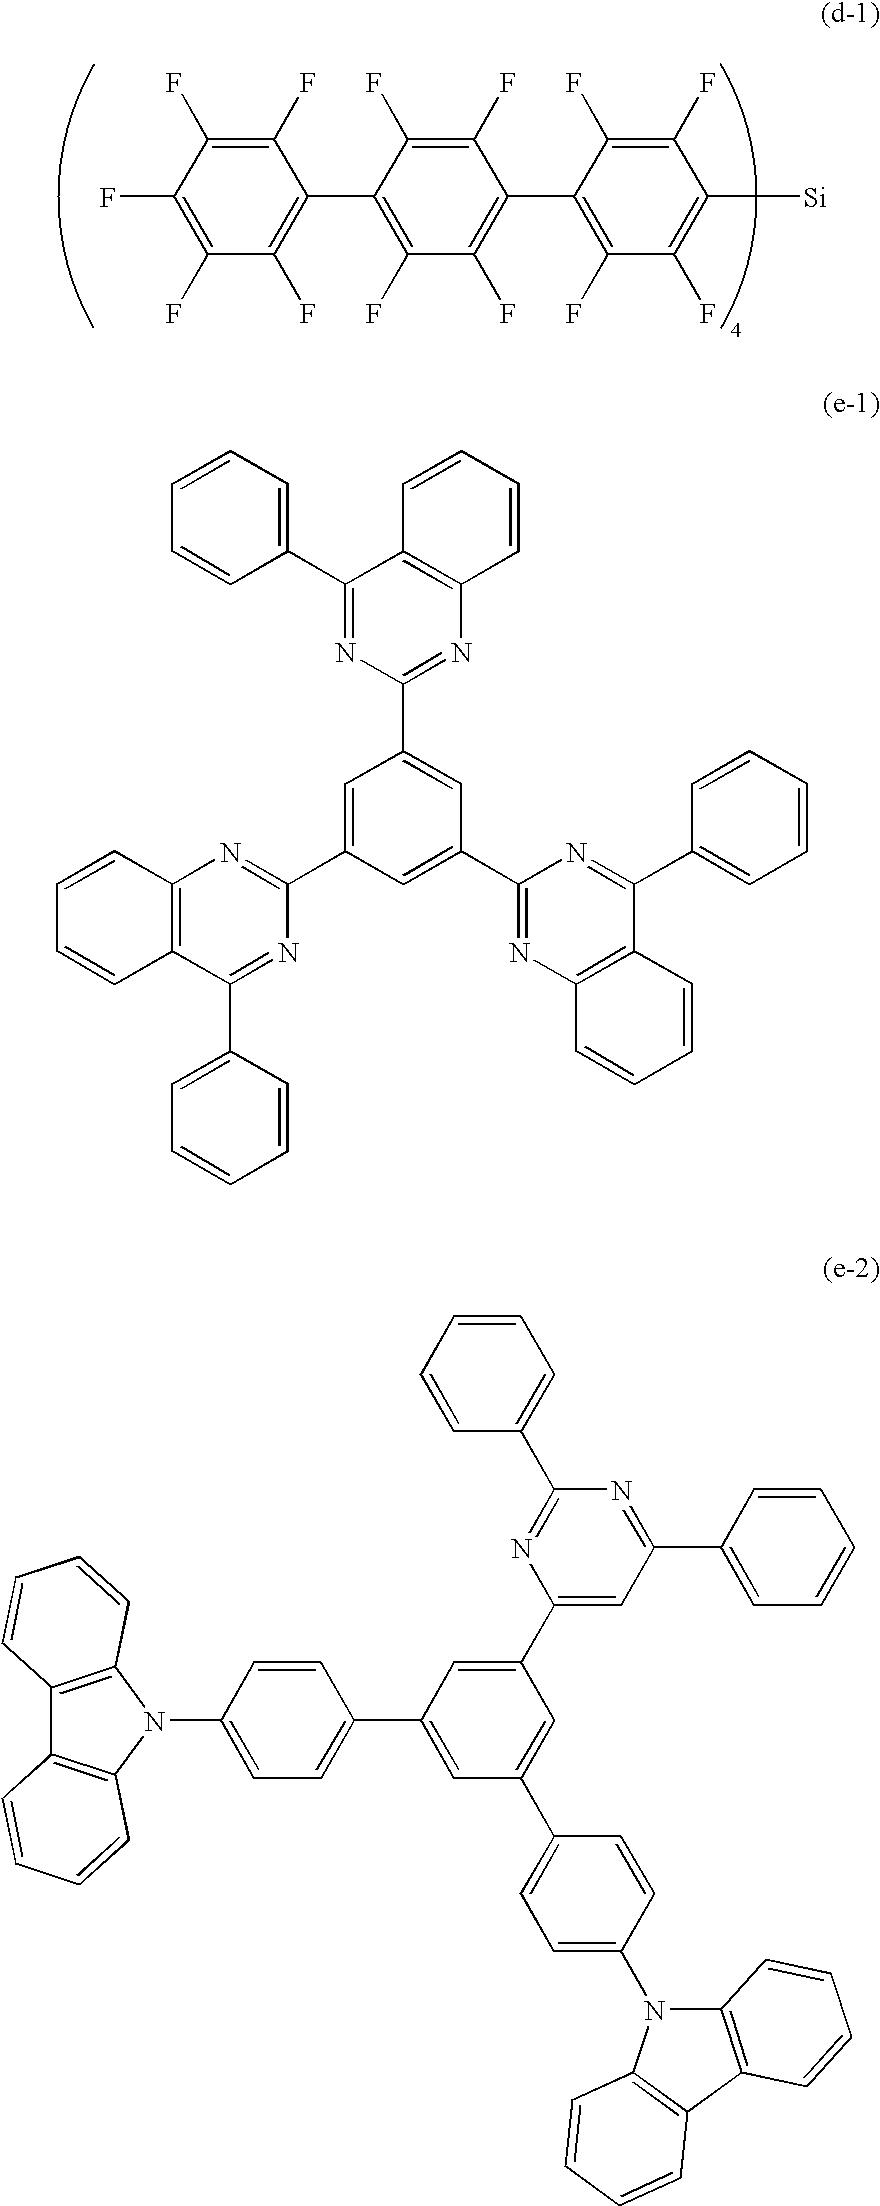 Figure US07608993-20091027-C00029